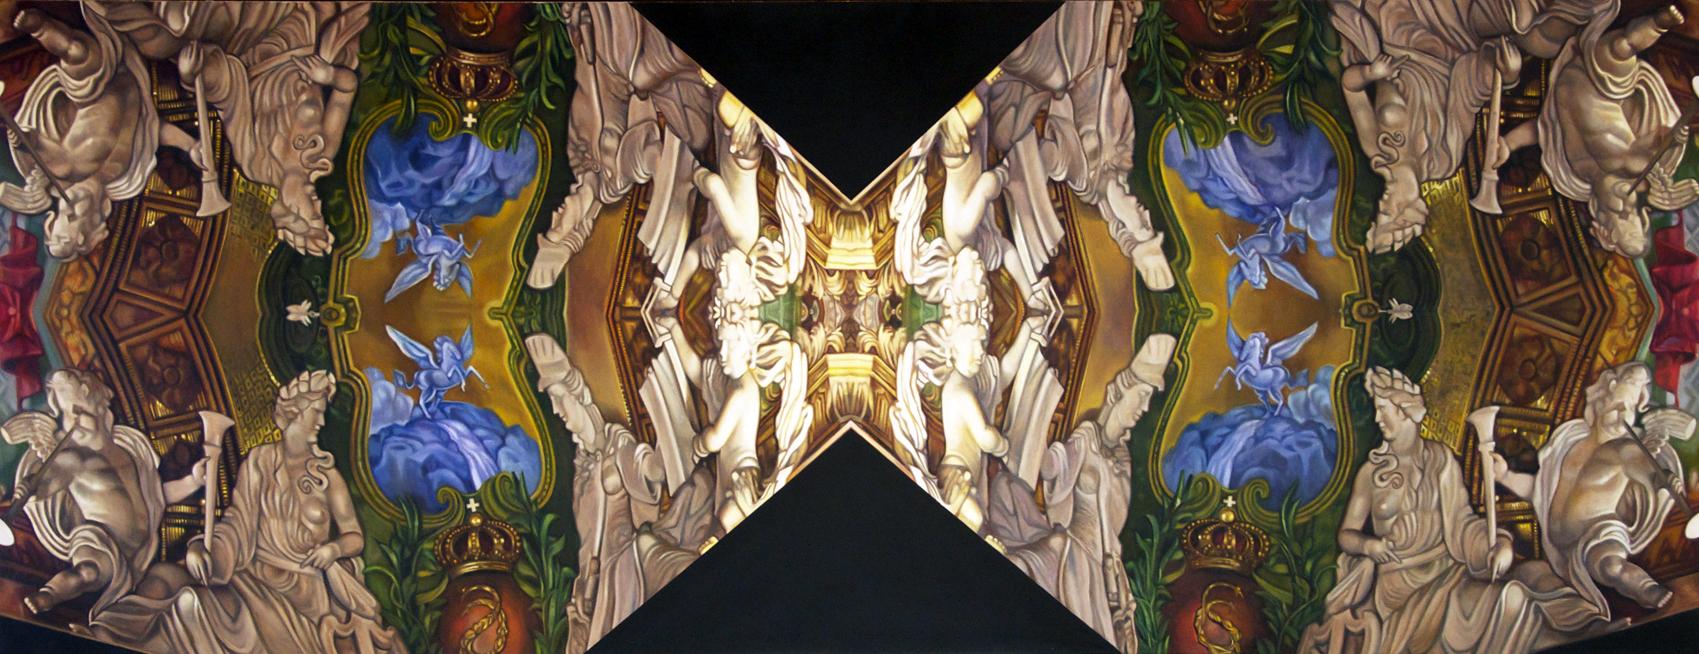 """Charlottenberg    Oil on linen over panel  32 1/2"""" x 84""""  2014-2015"""